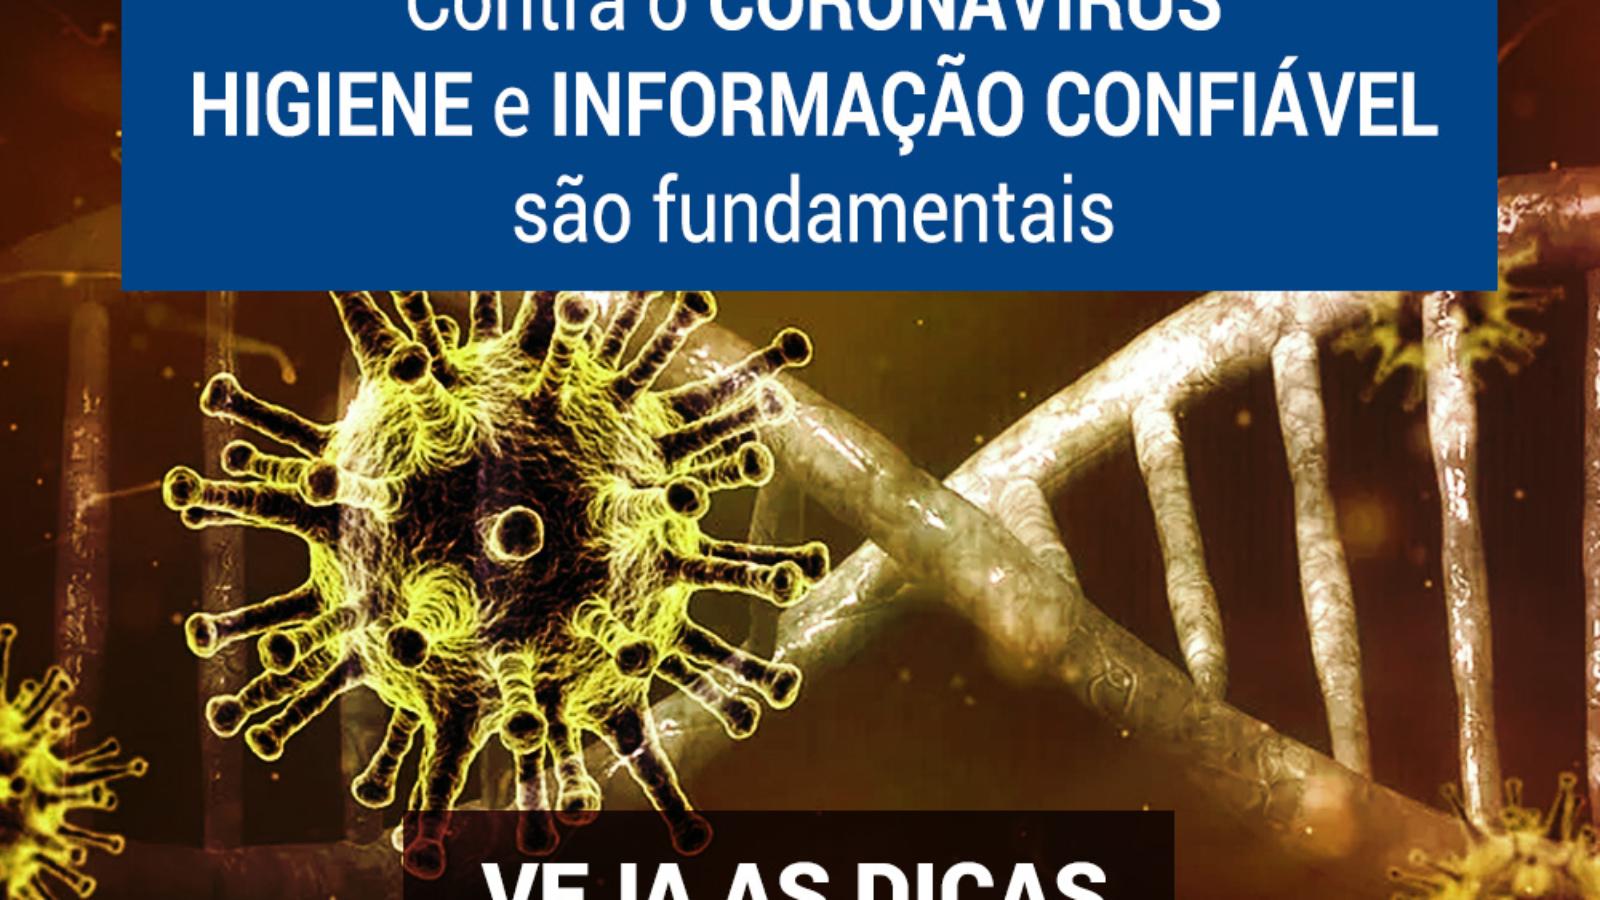 Coronavírus - Higiene e Informação